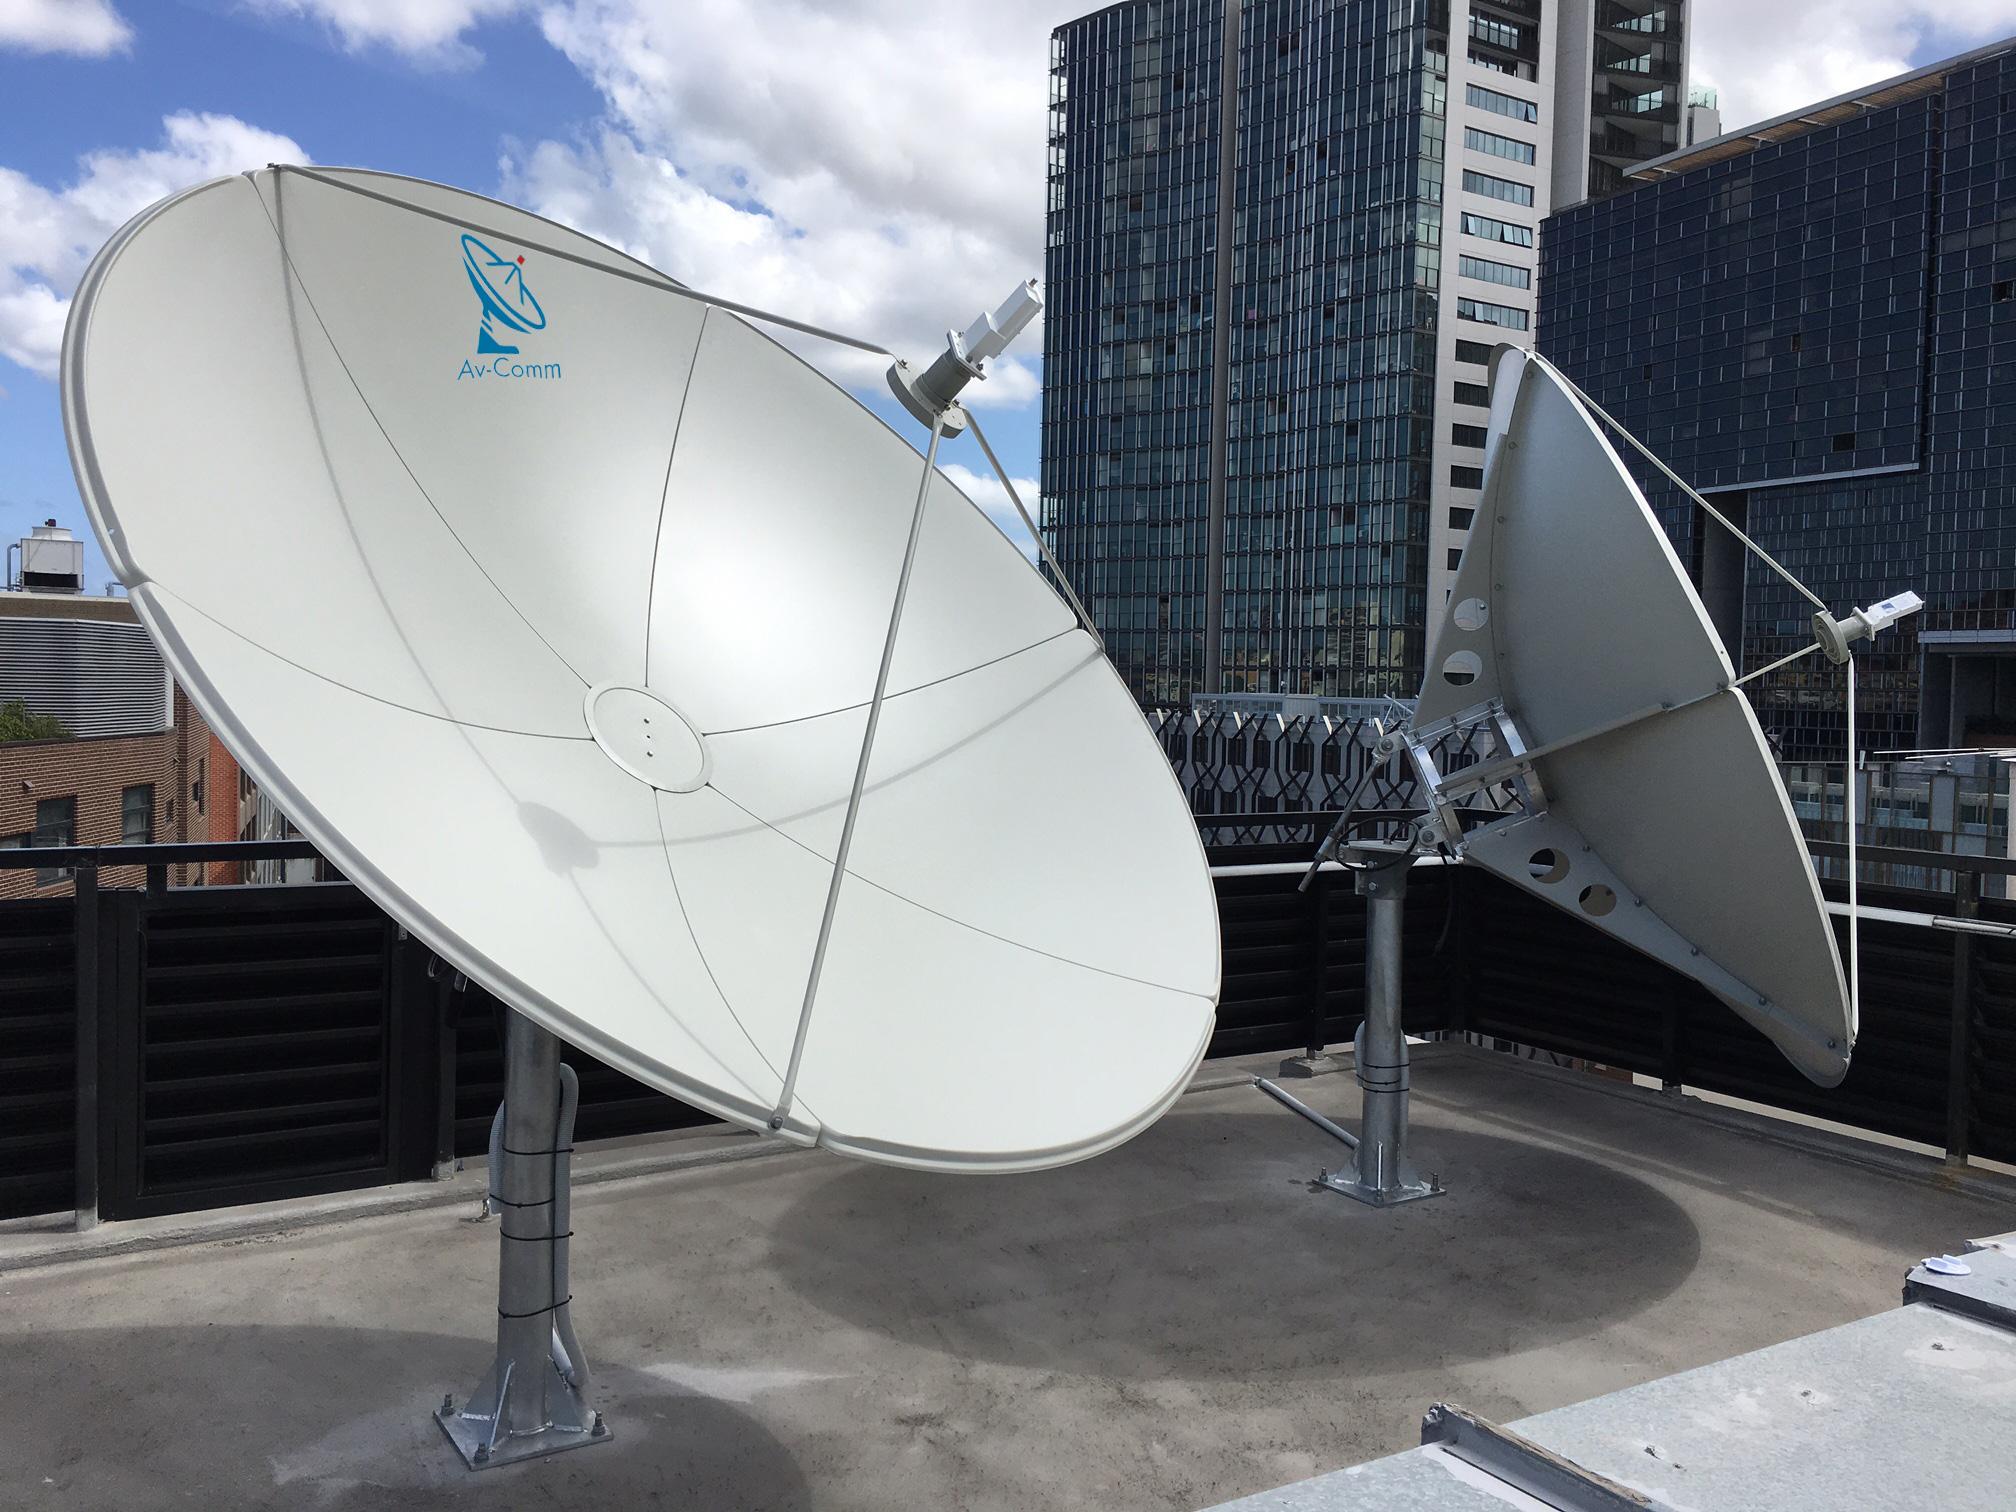 Suman 24m C Band Satellite Dish Av Comm